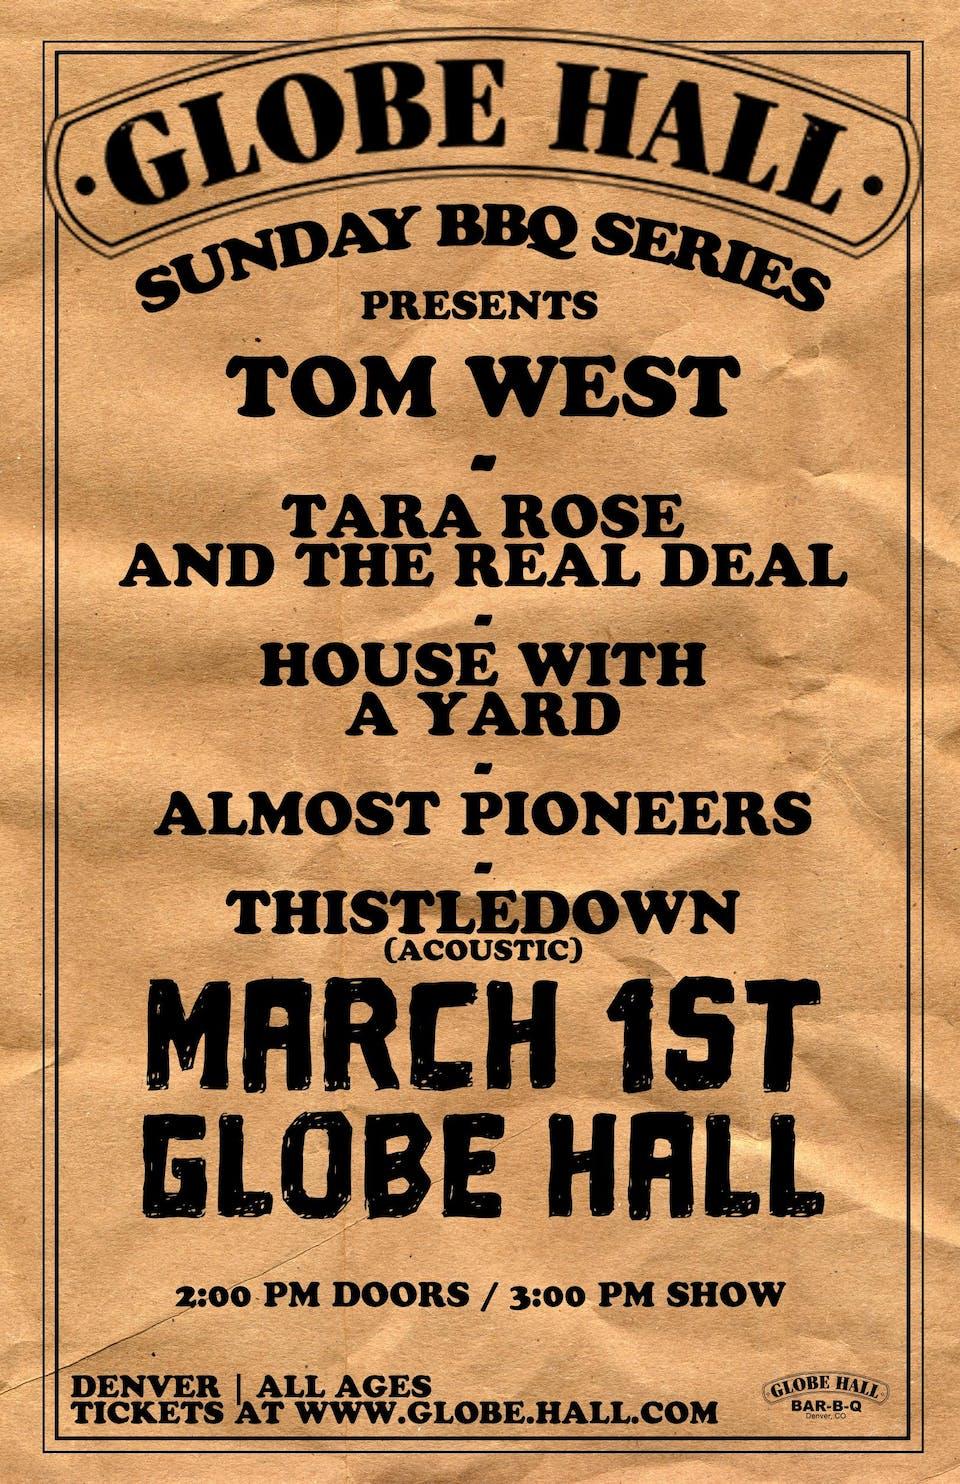 Globe Hall BBQ Series Presents - Folk